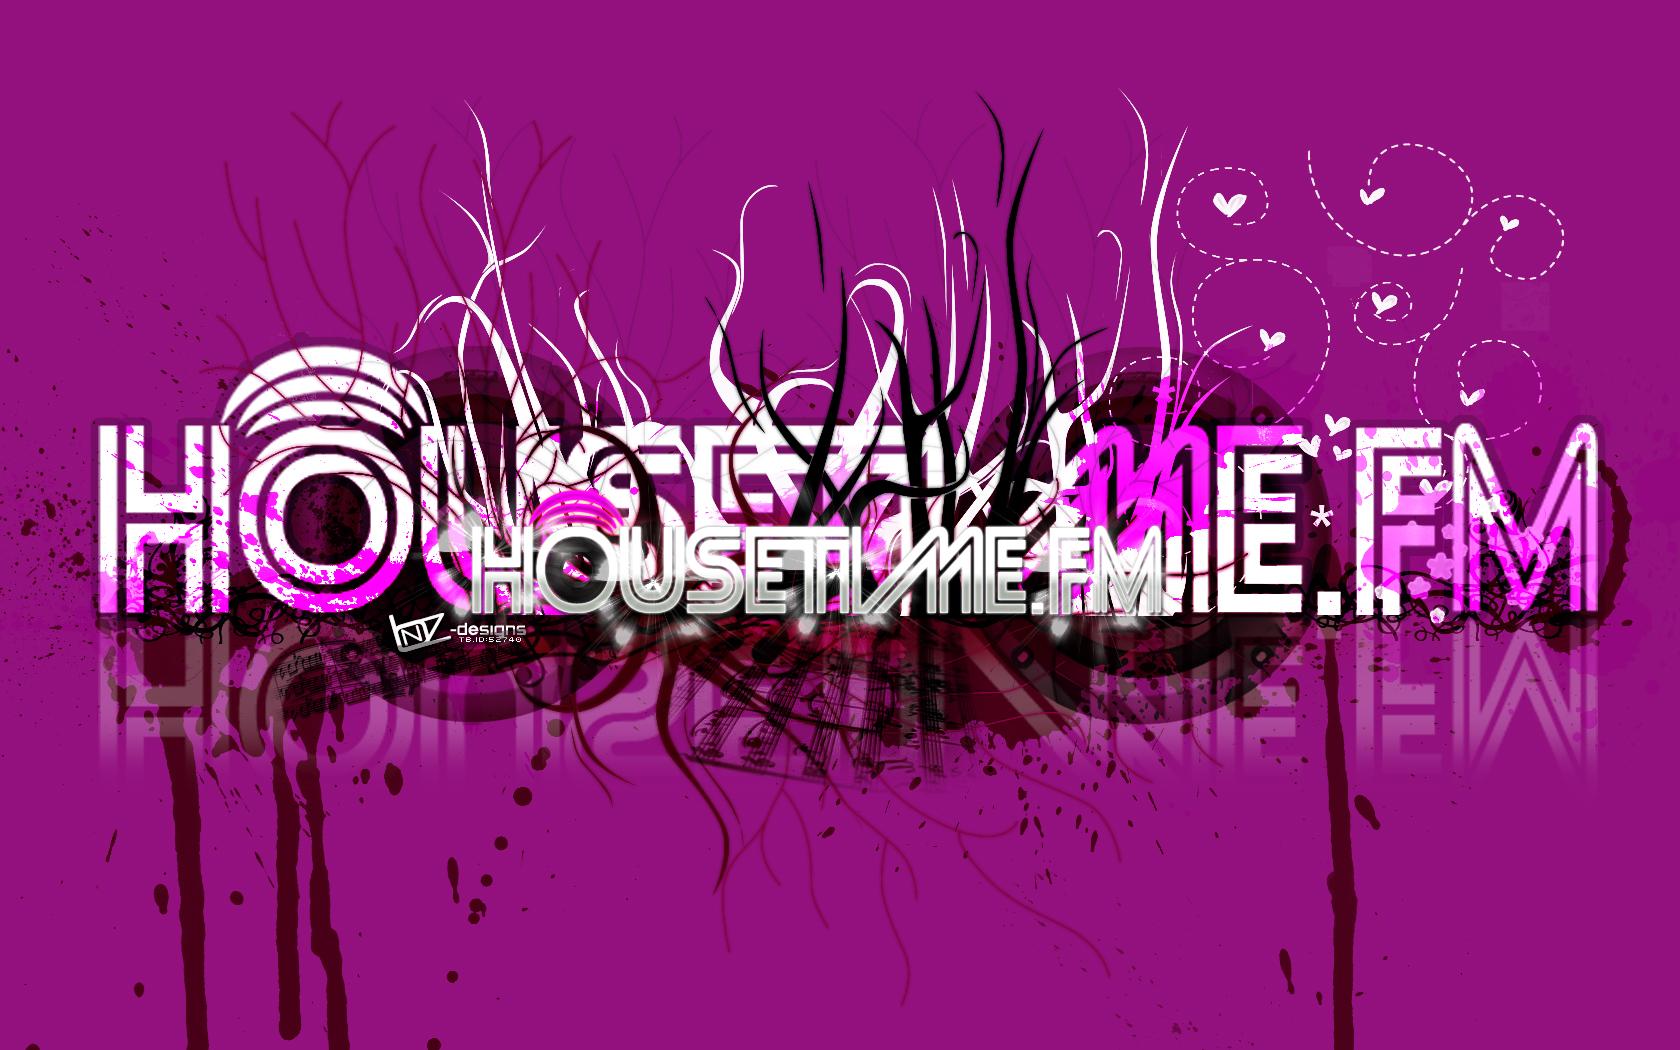 HouseTime-Purpl... Housetime Fm